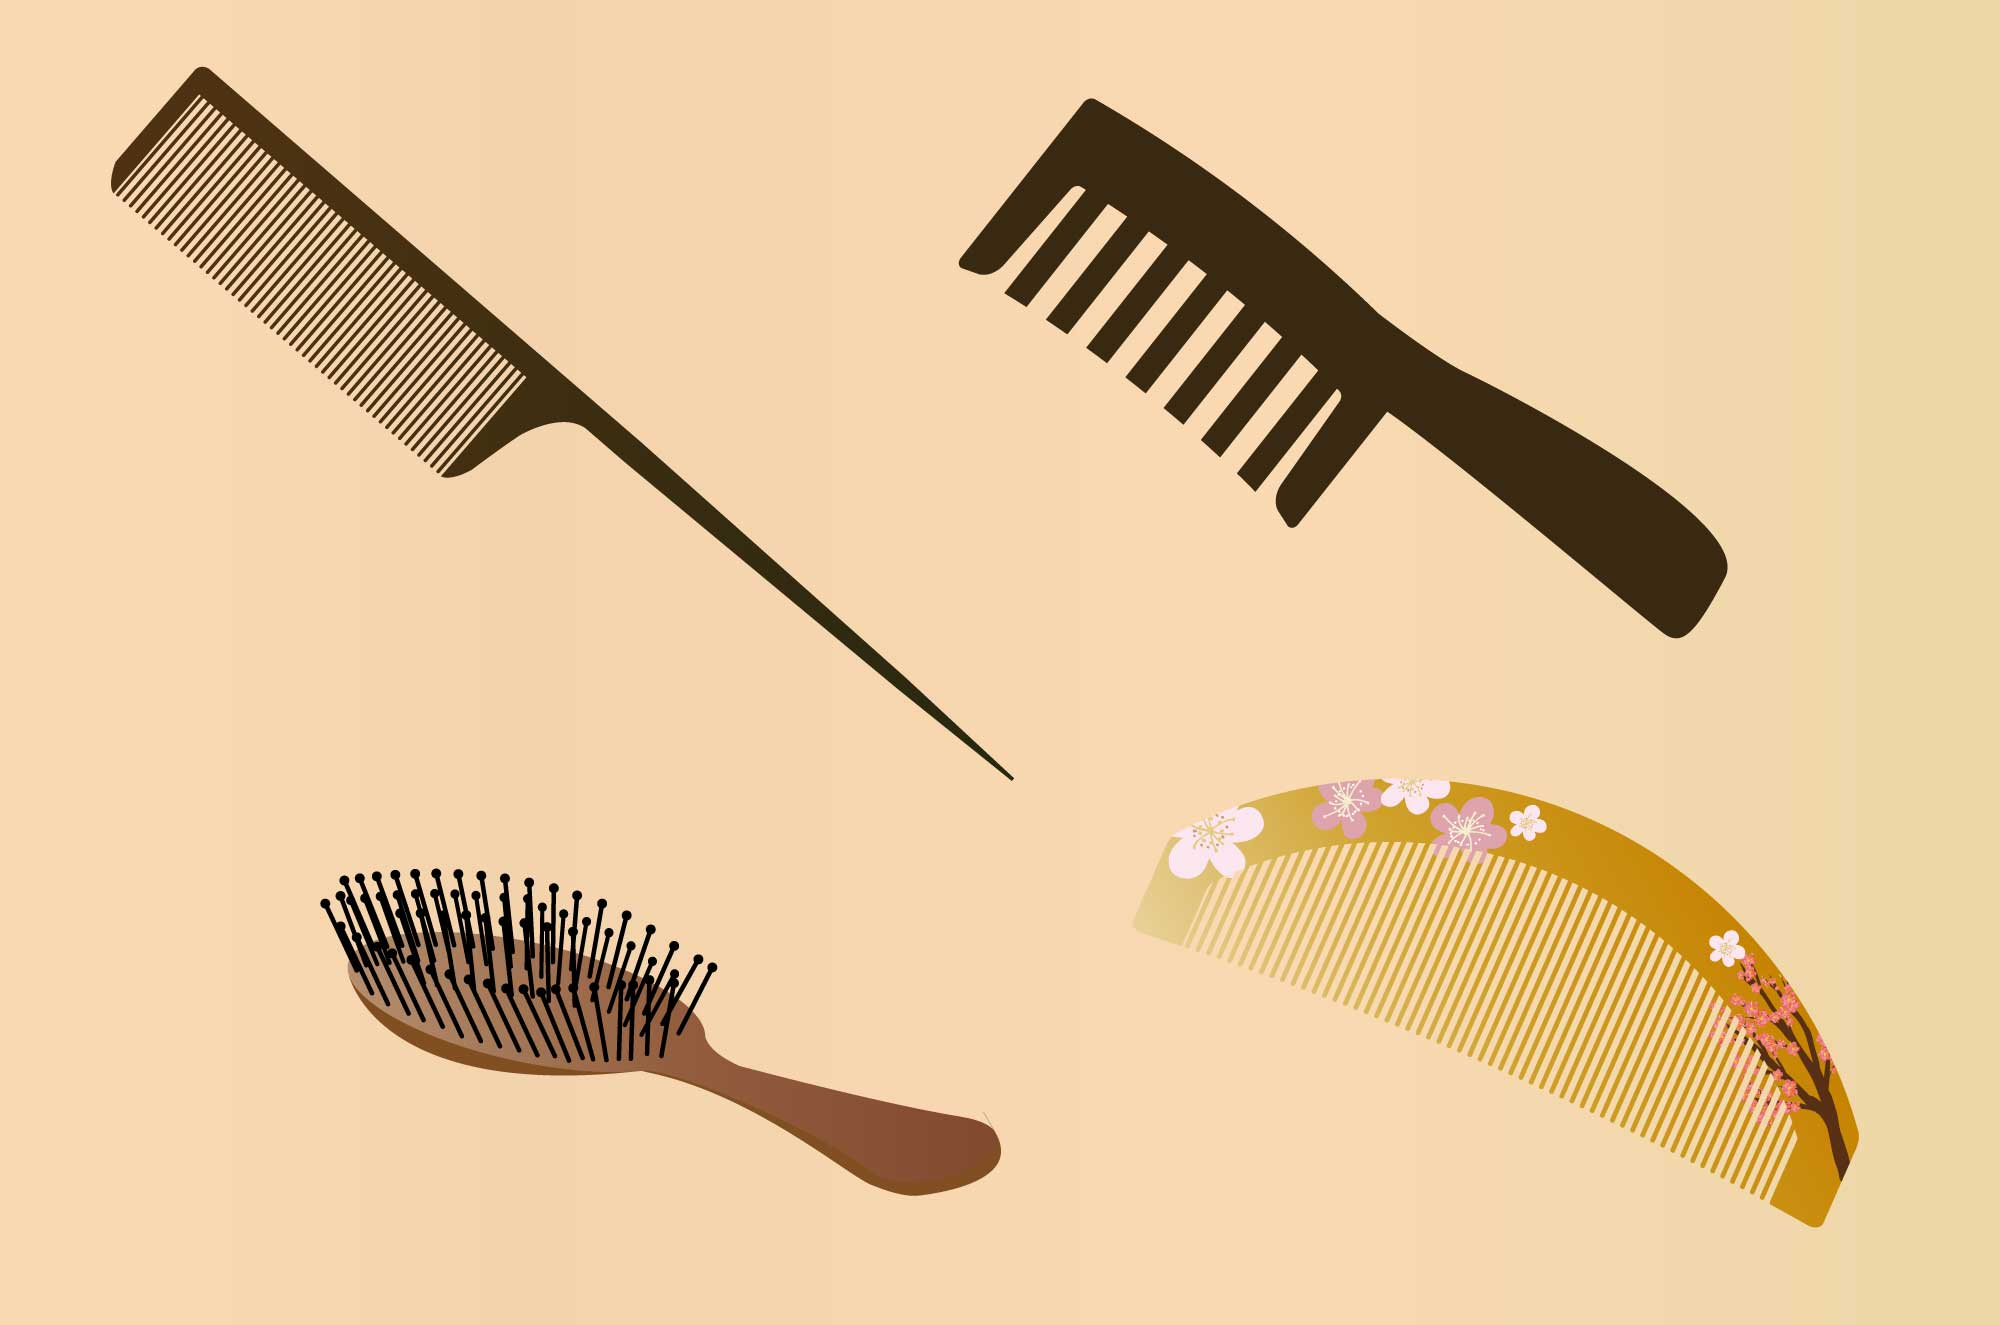 くしイラスト - コーム・ブラシ・和風櫛の無料素材